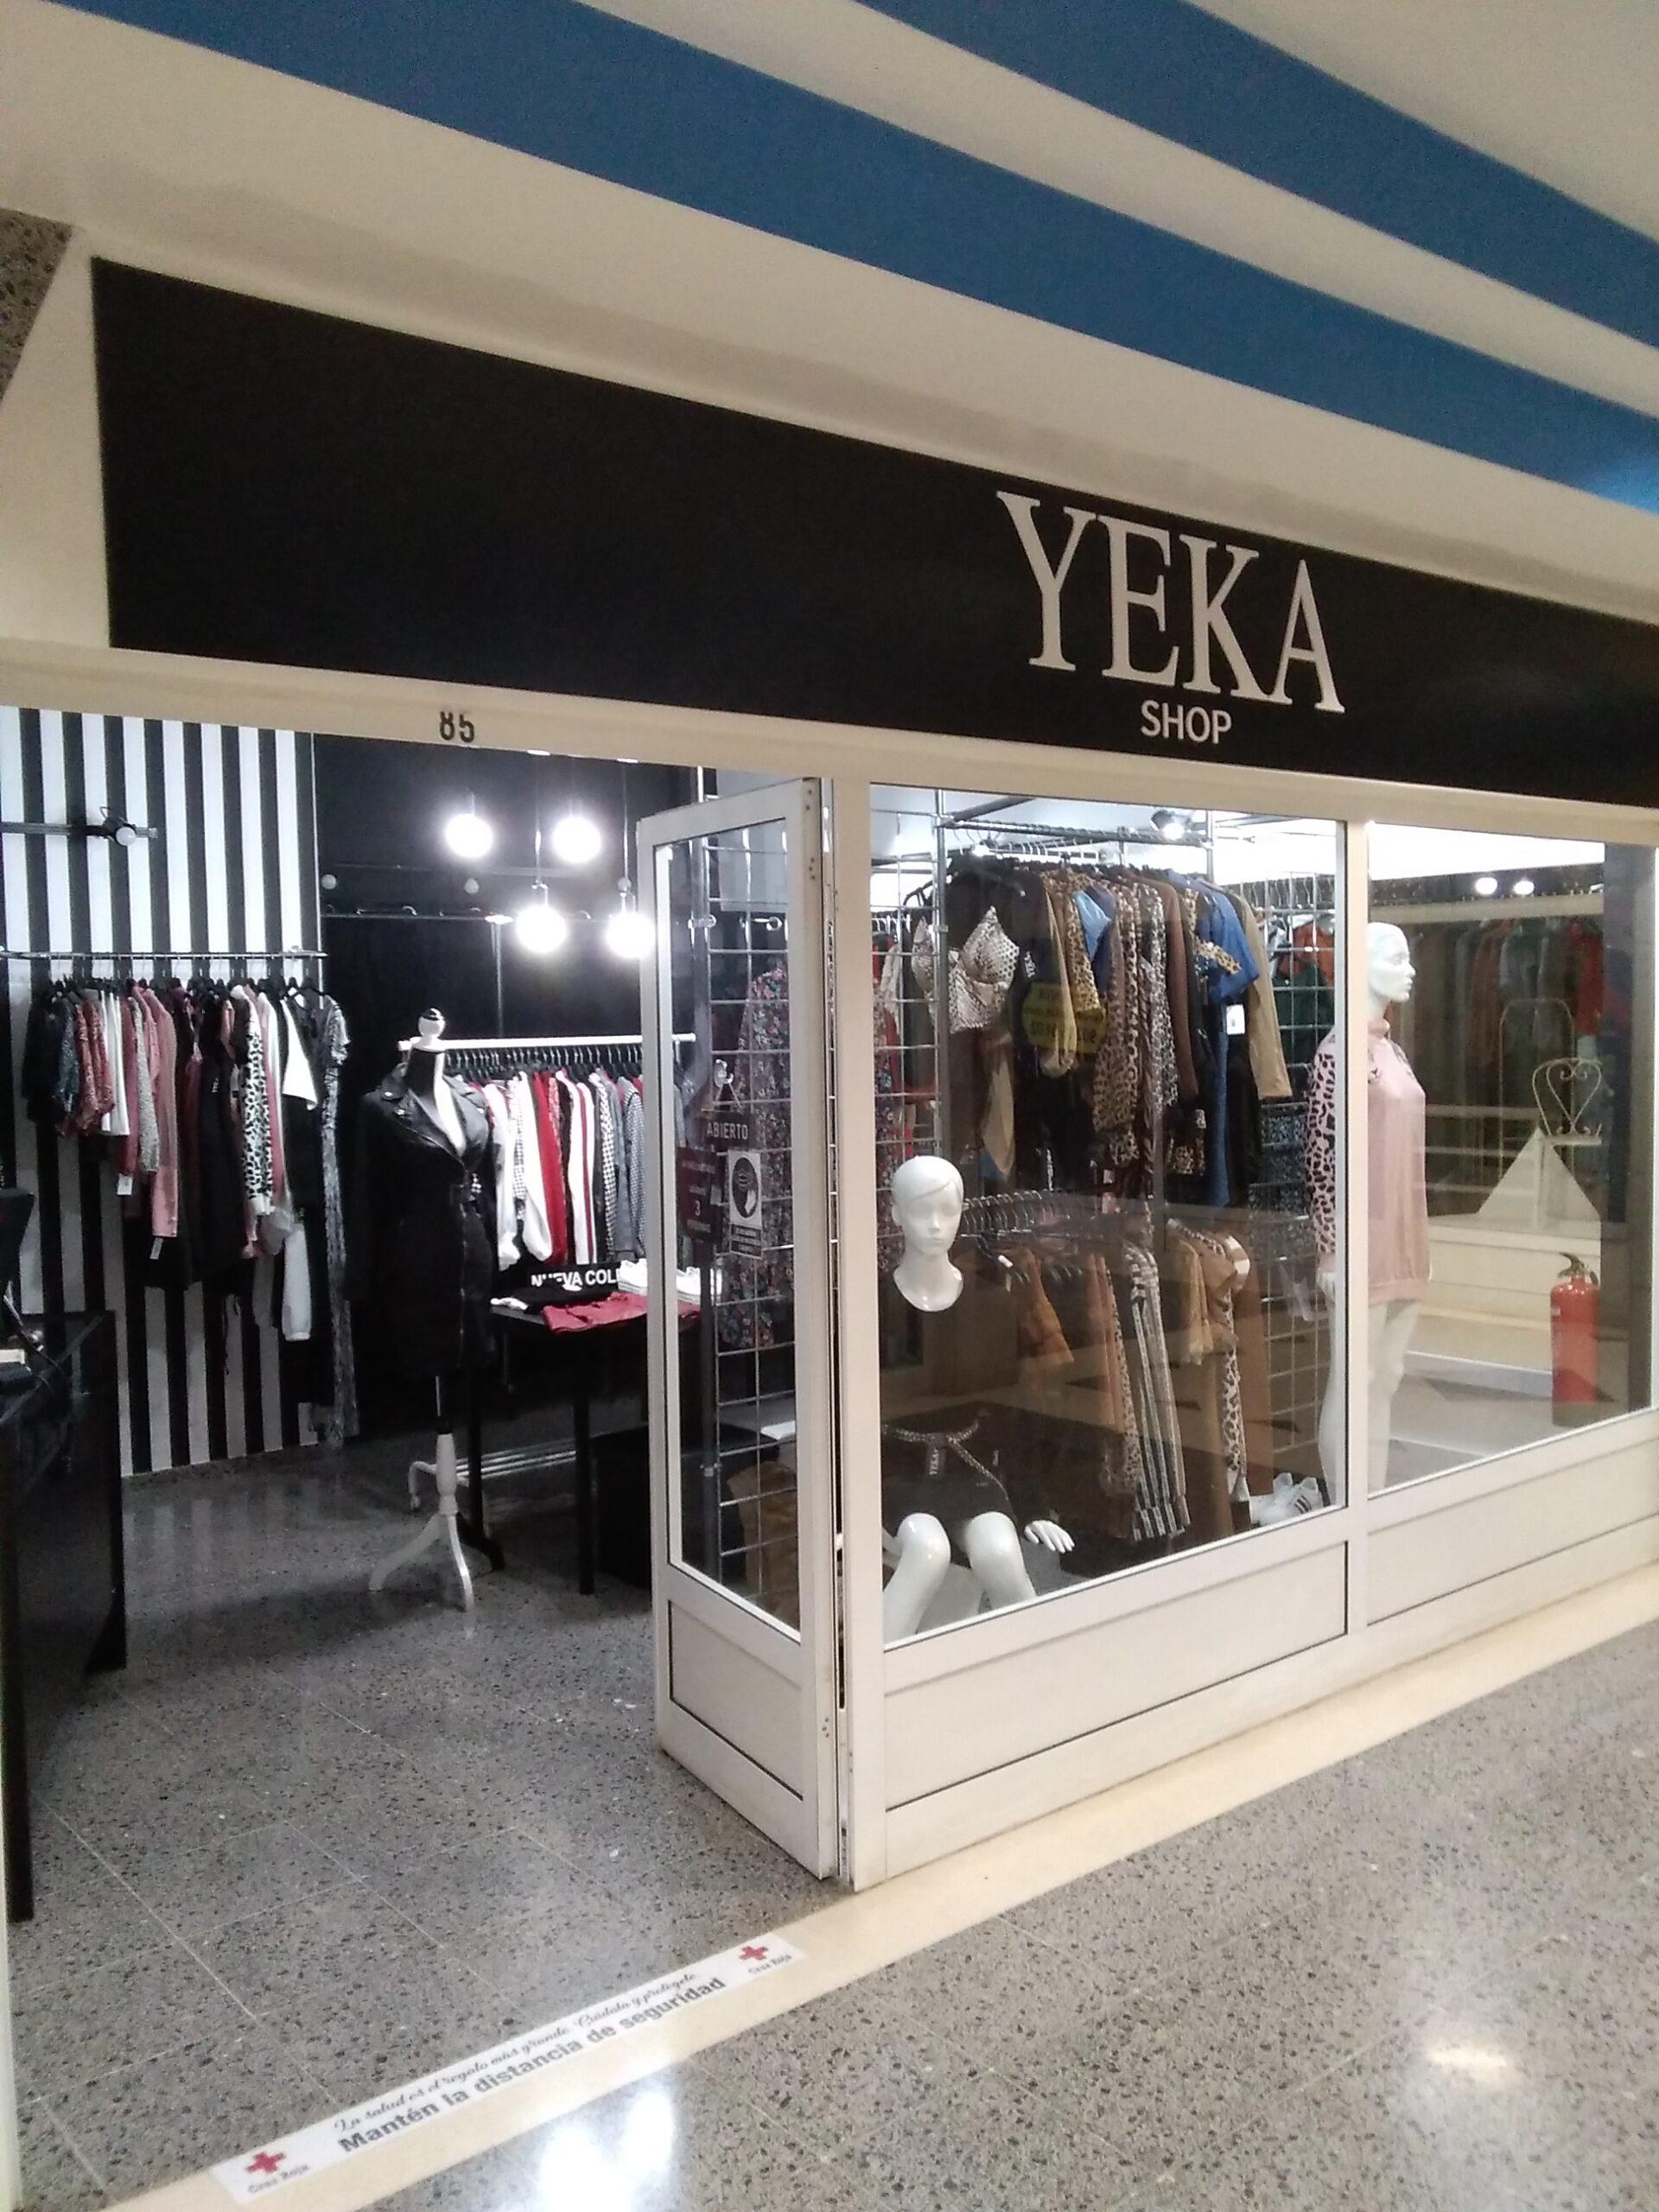 Yeka shop